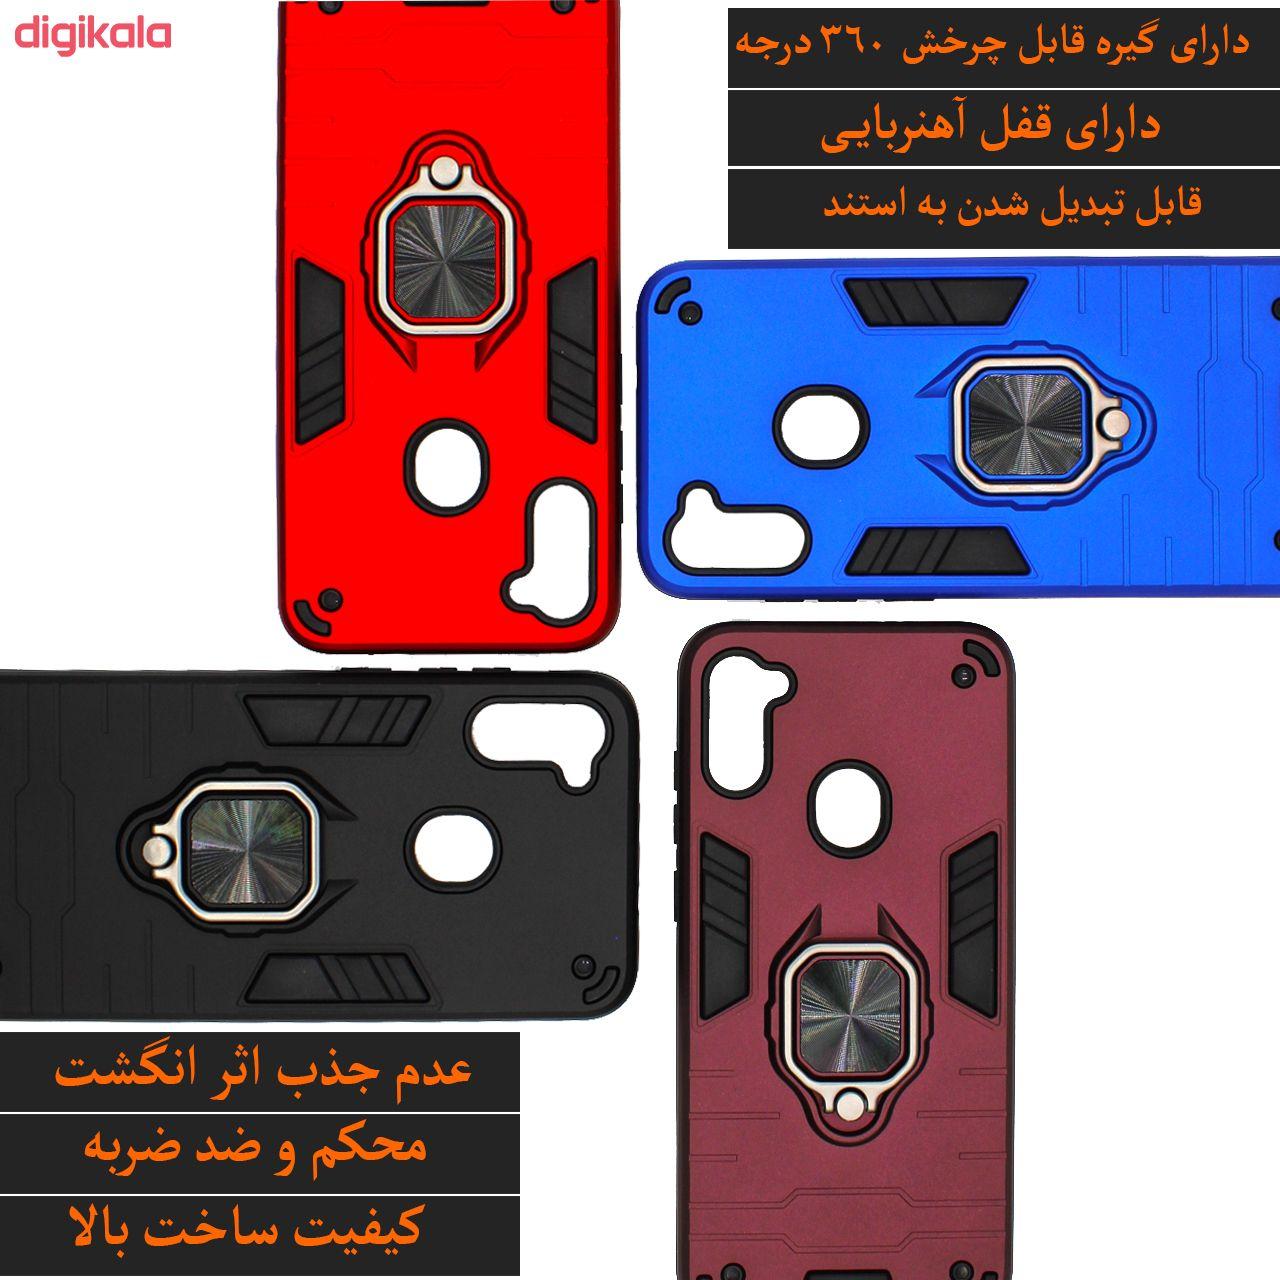 کاور کینگ پاور مدل ASH22 مناسب برای گوشی موبایل سامسونگ Galaxy A11 main 1 11